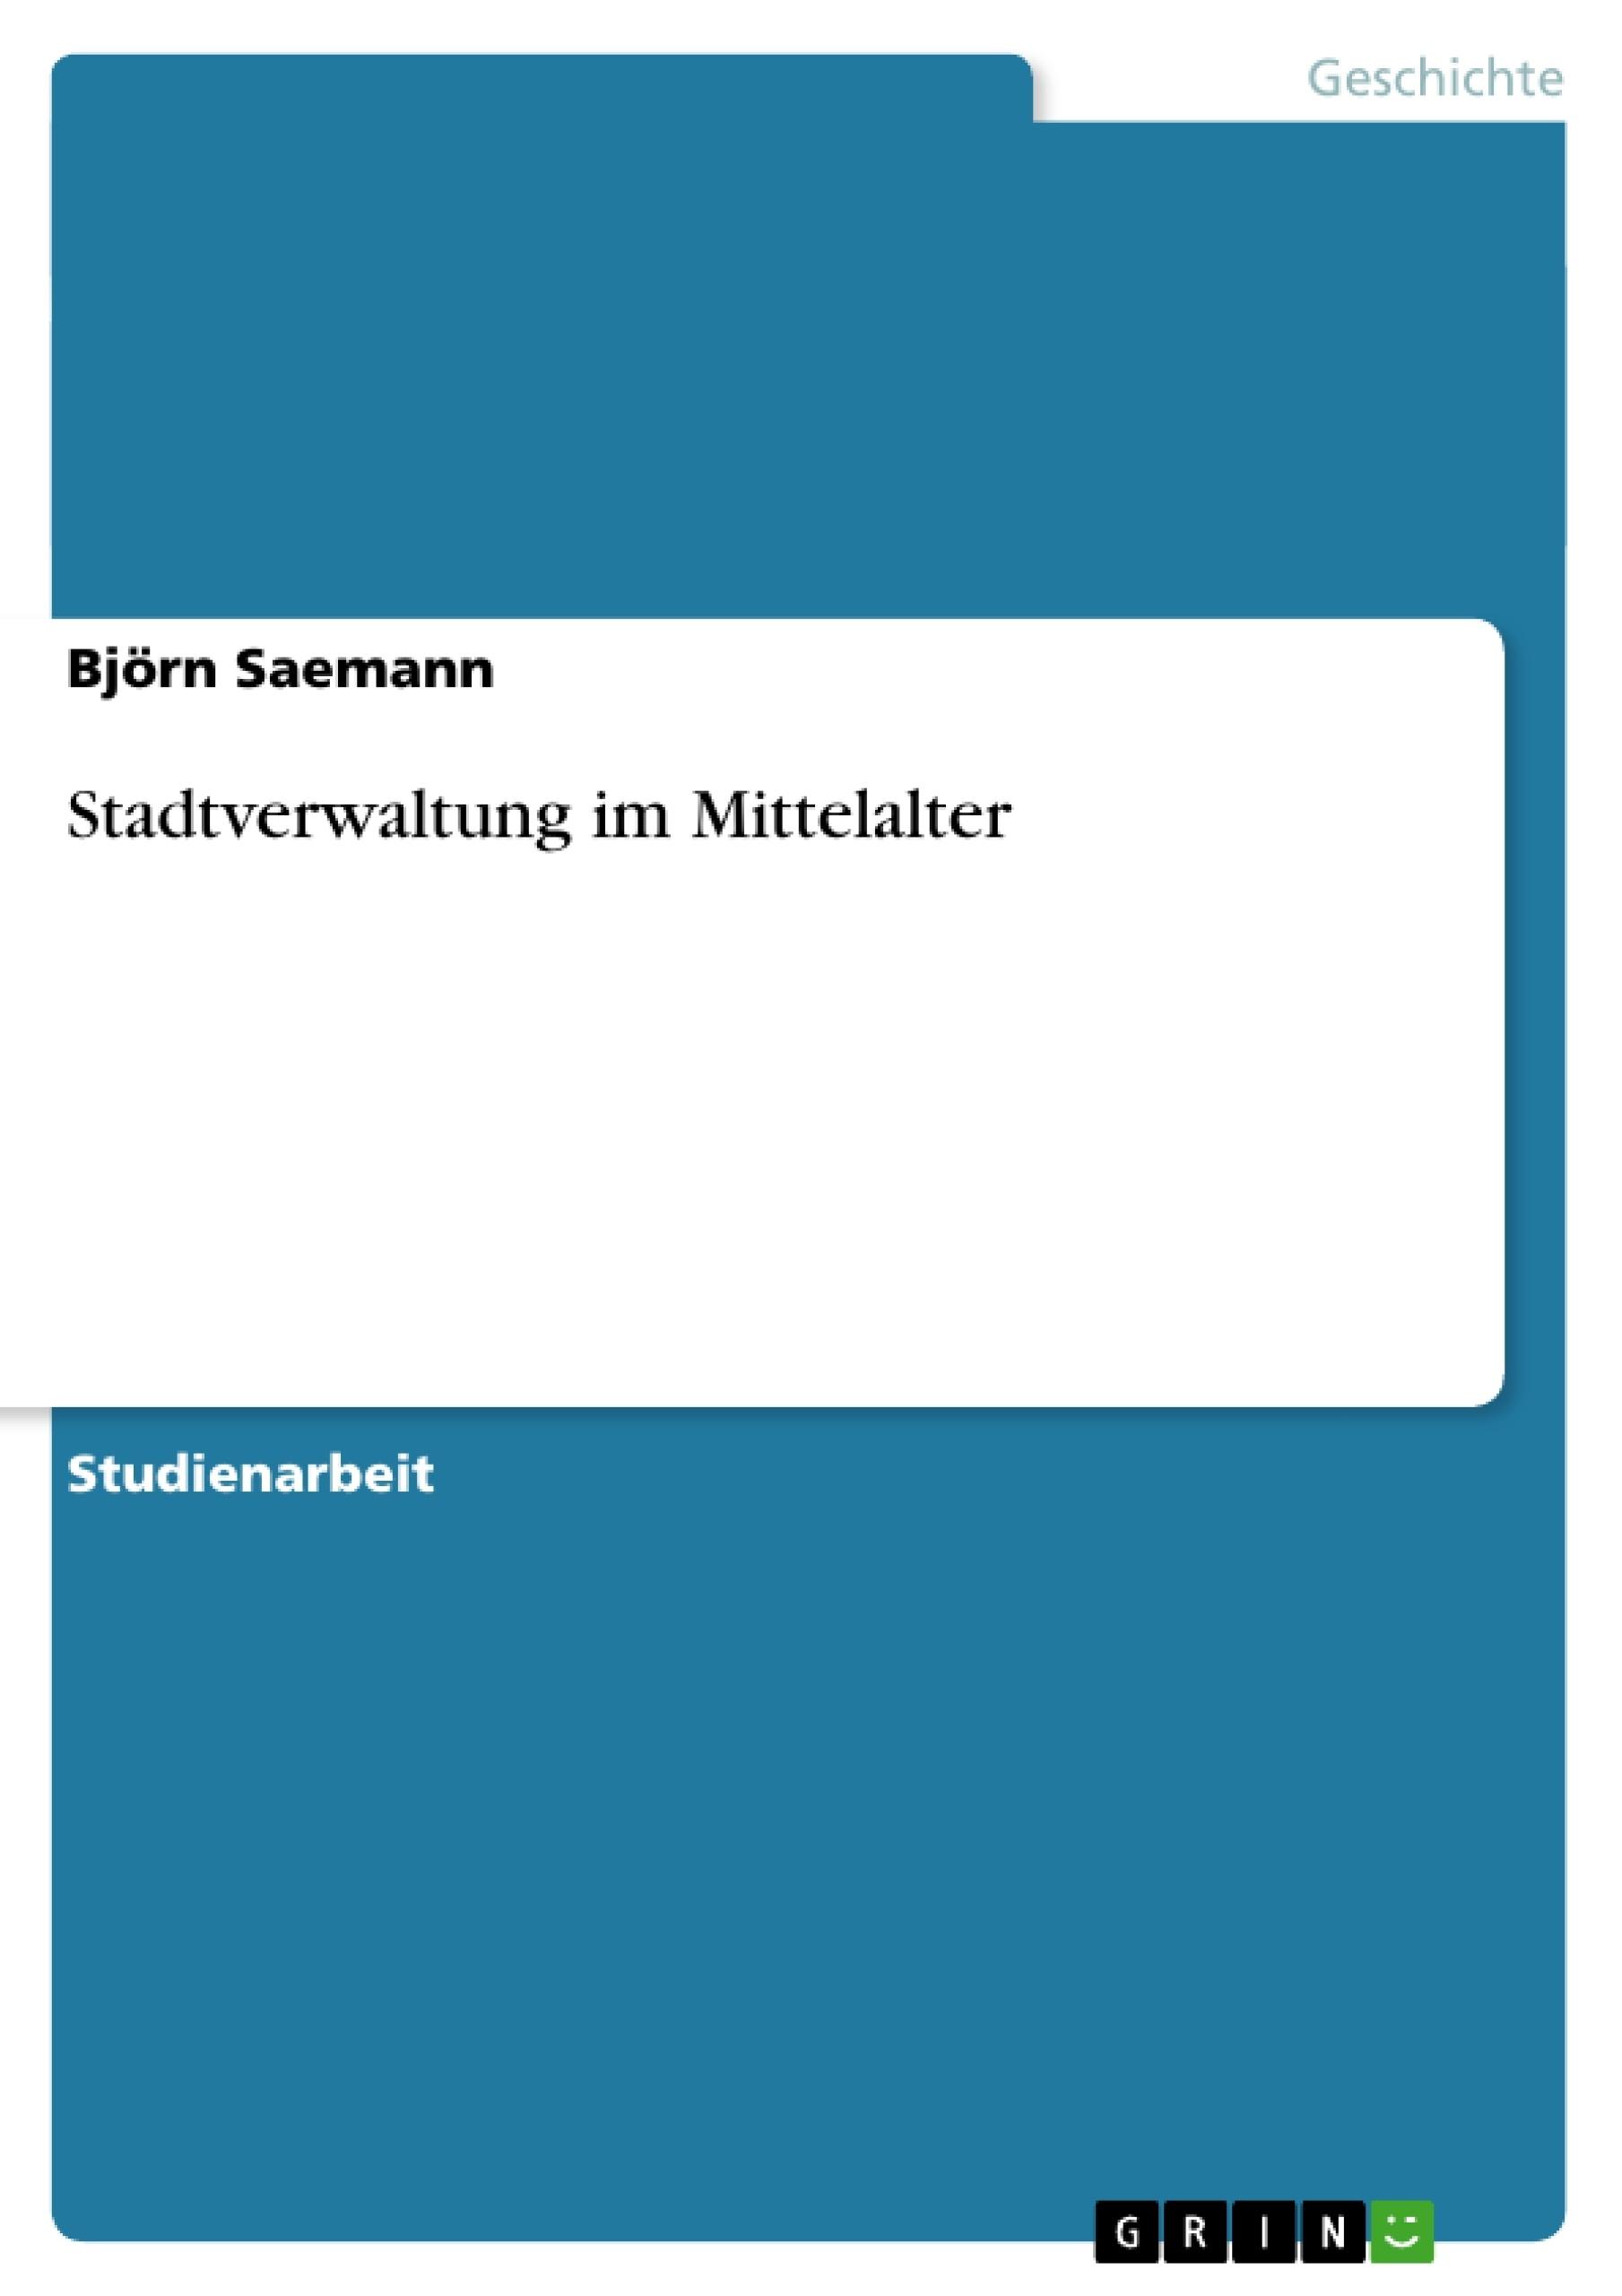 Titel: Stadtverwaltung im Mittelalter